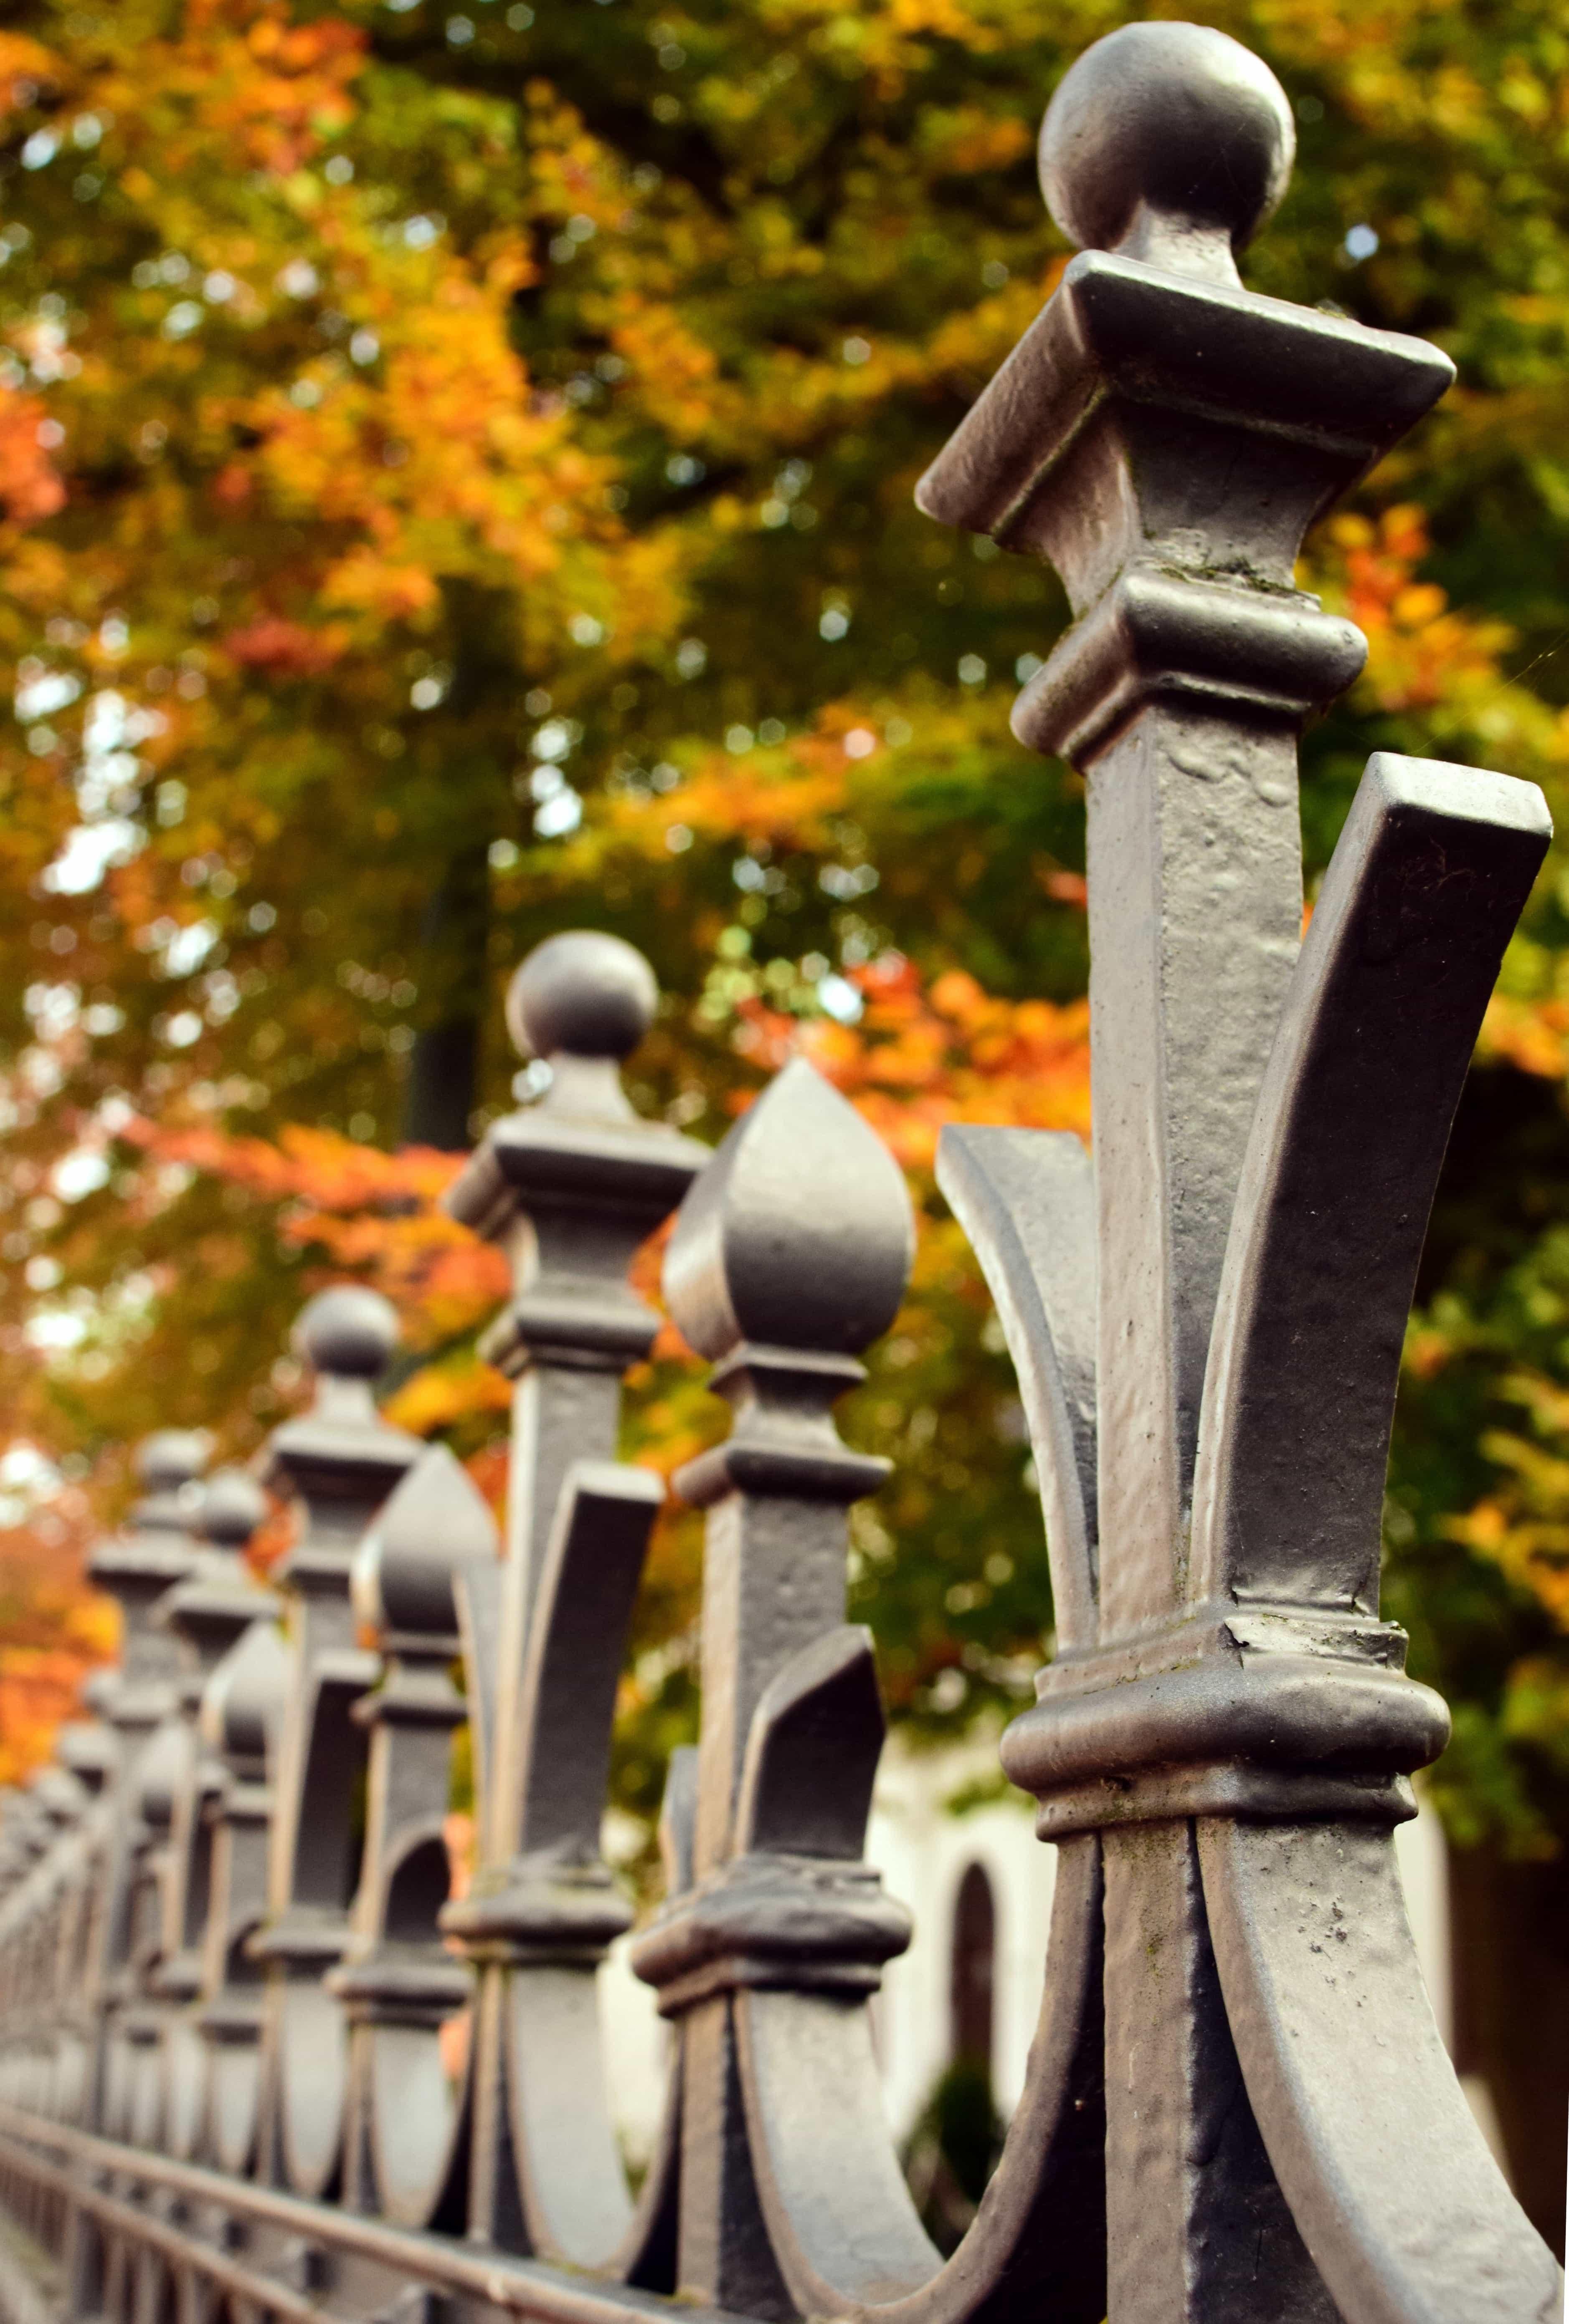 Zaun Niedrig Awesome Sichtschutz Vorgarten Steine With Zaun